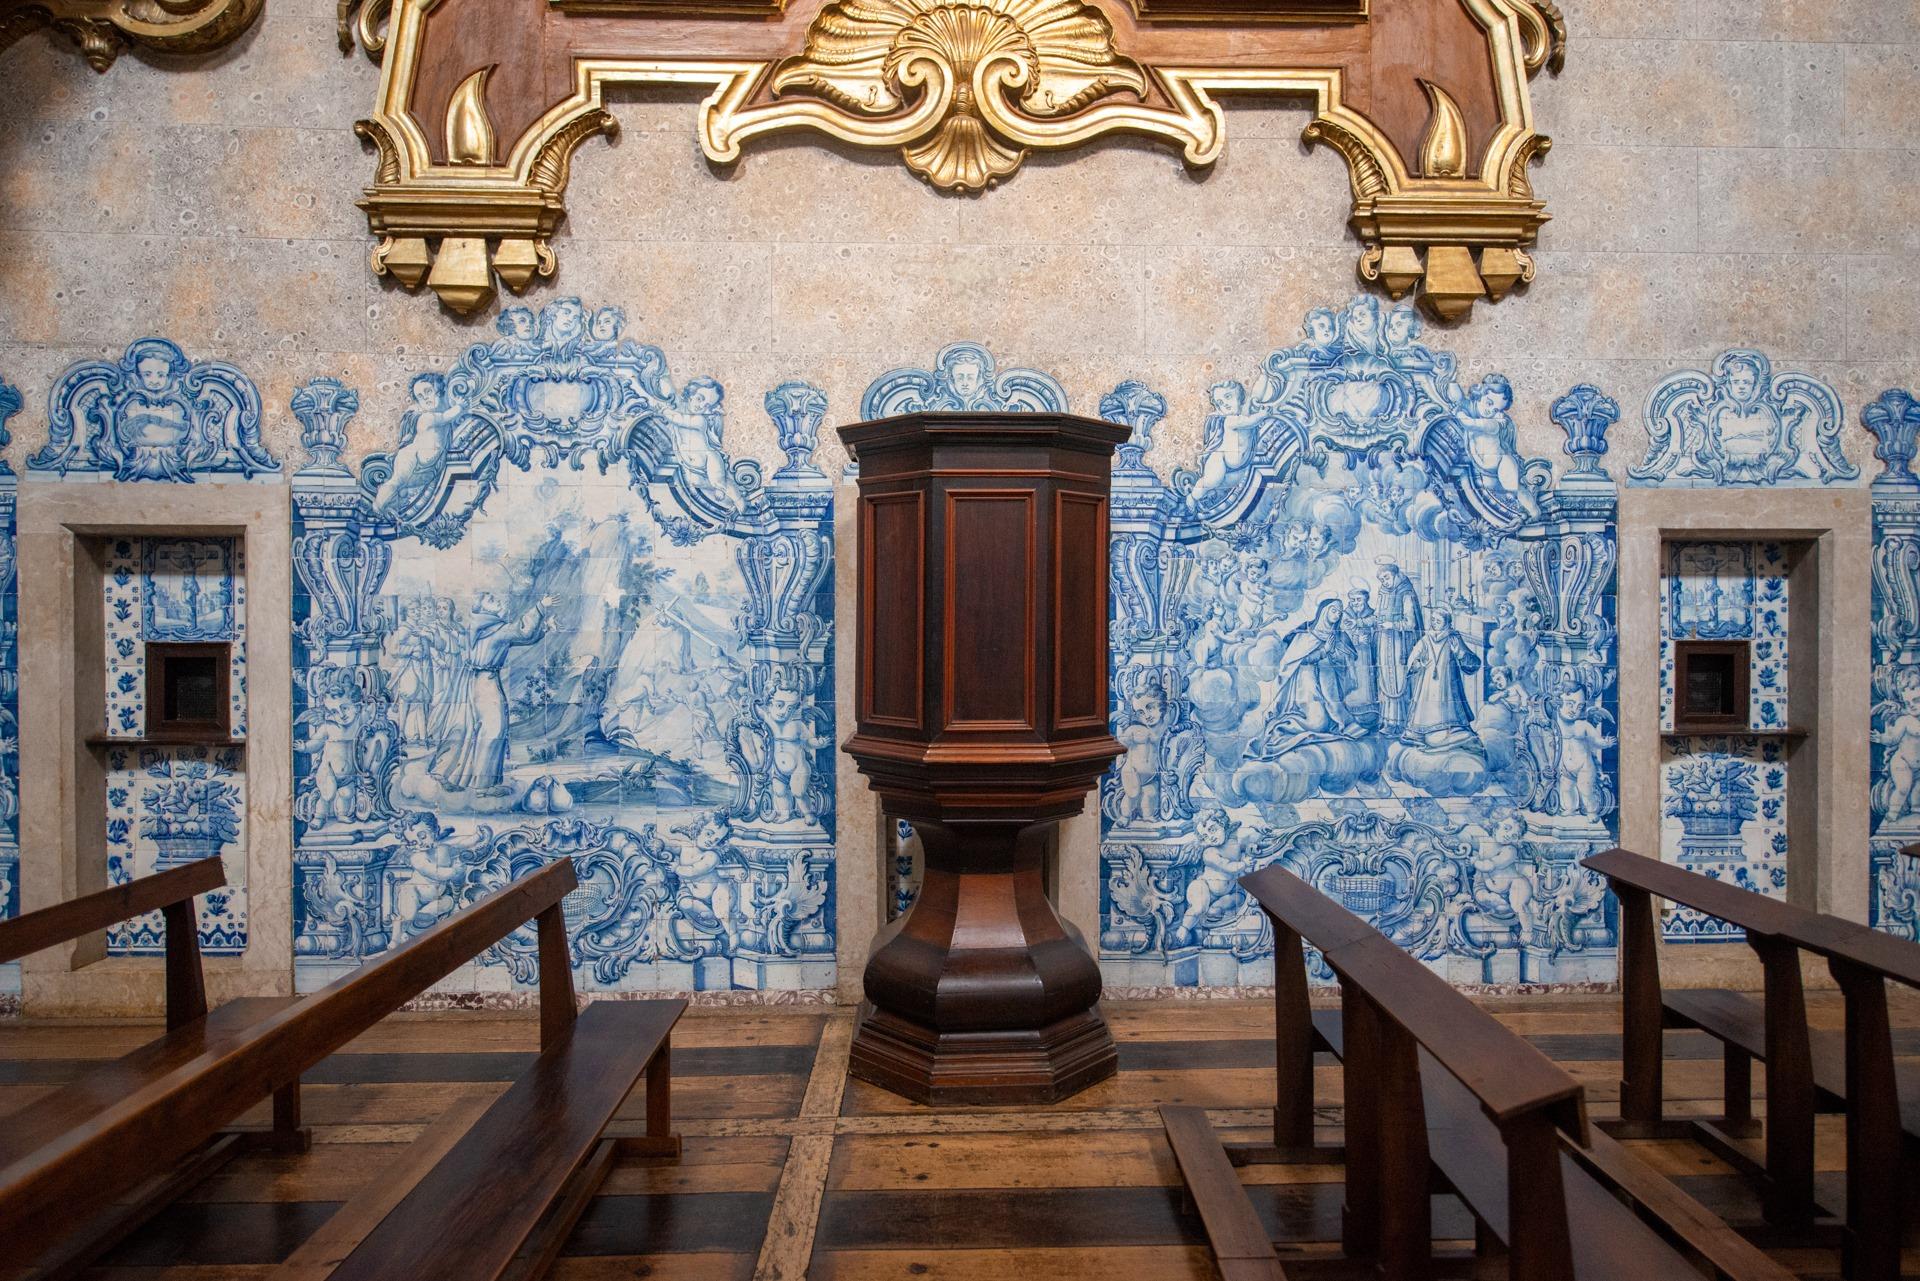 Ecologia e pensamento franciscano | Visita temática ao Convento de São Pedro de Alcântara